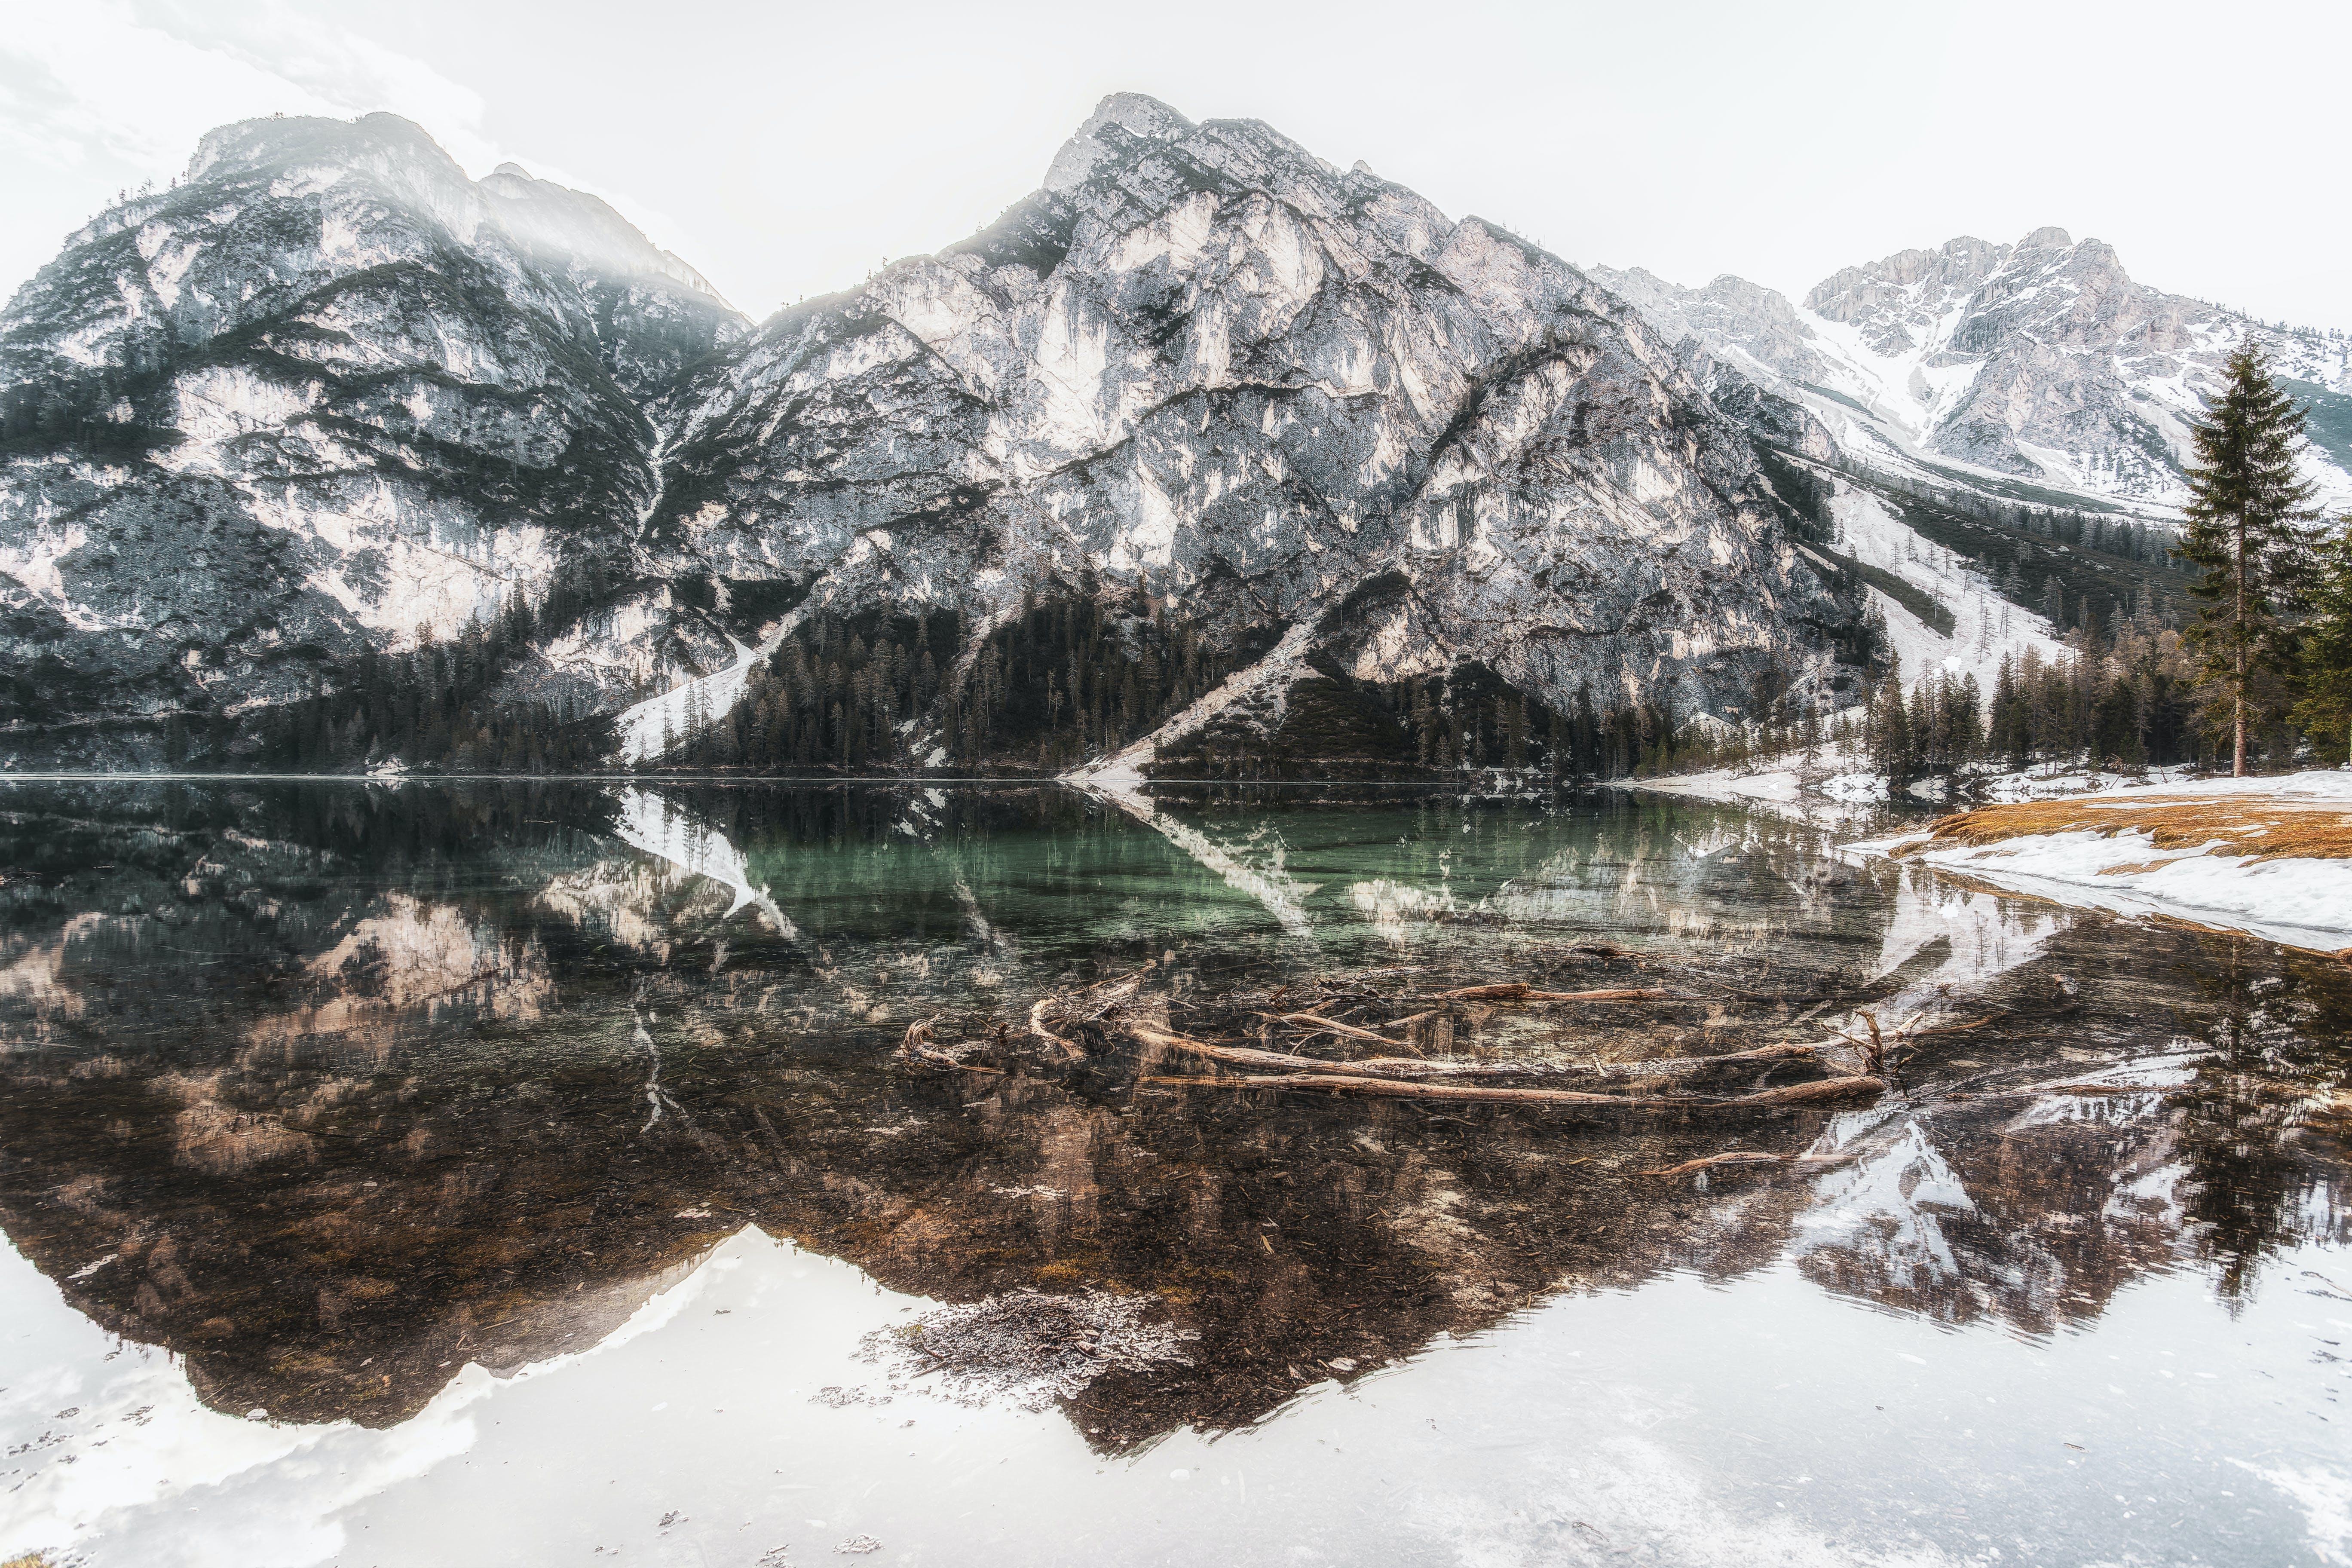 Δωρεάν στοκ φωτογραφιών με 4k ταπετσαρία, αντανάκλαση, βουνό, γραφικός